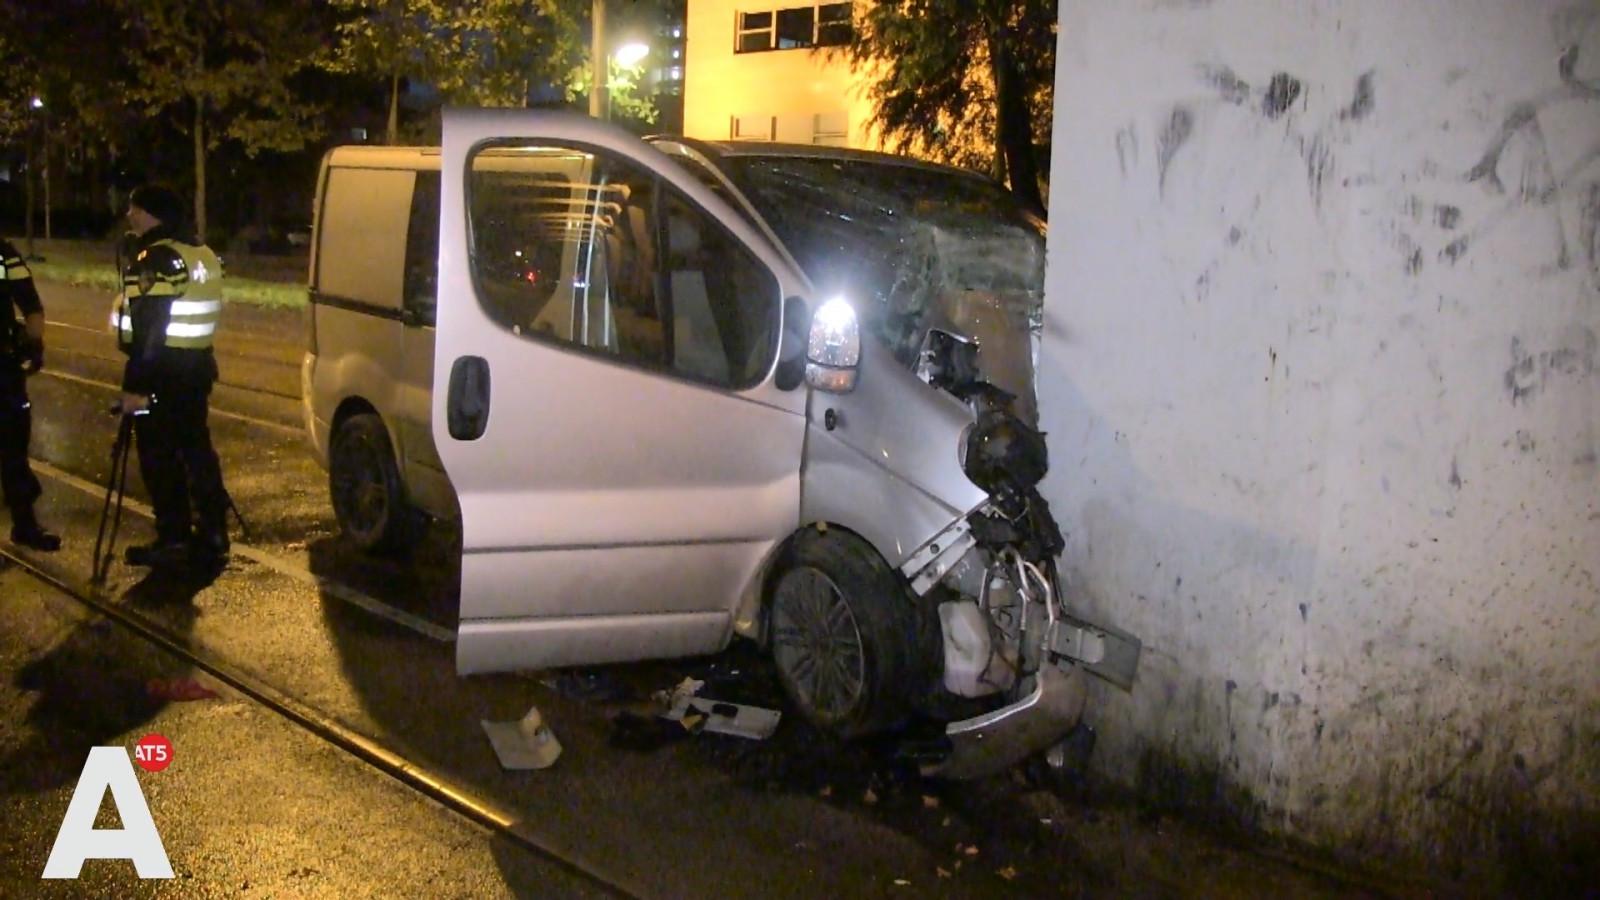 Busje total loss na botsing tegen pilaar in West, twee personen gewond.